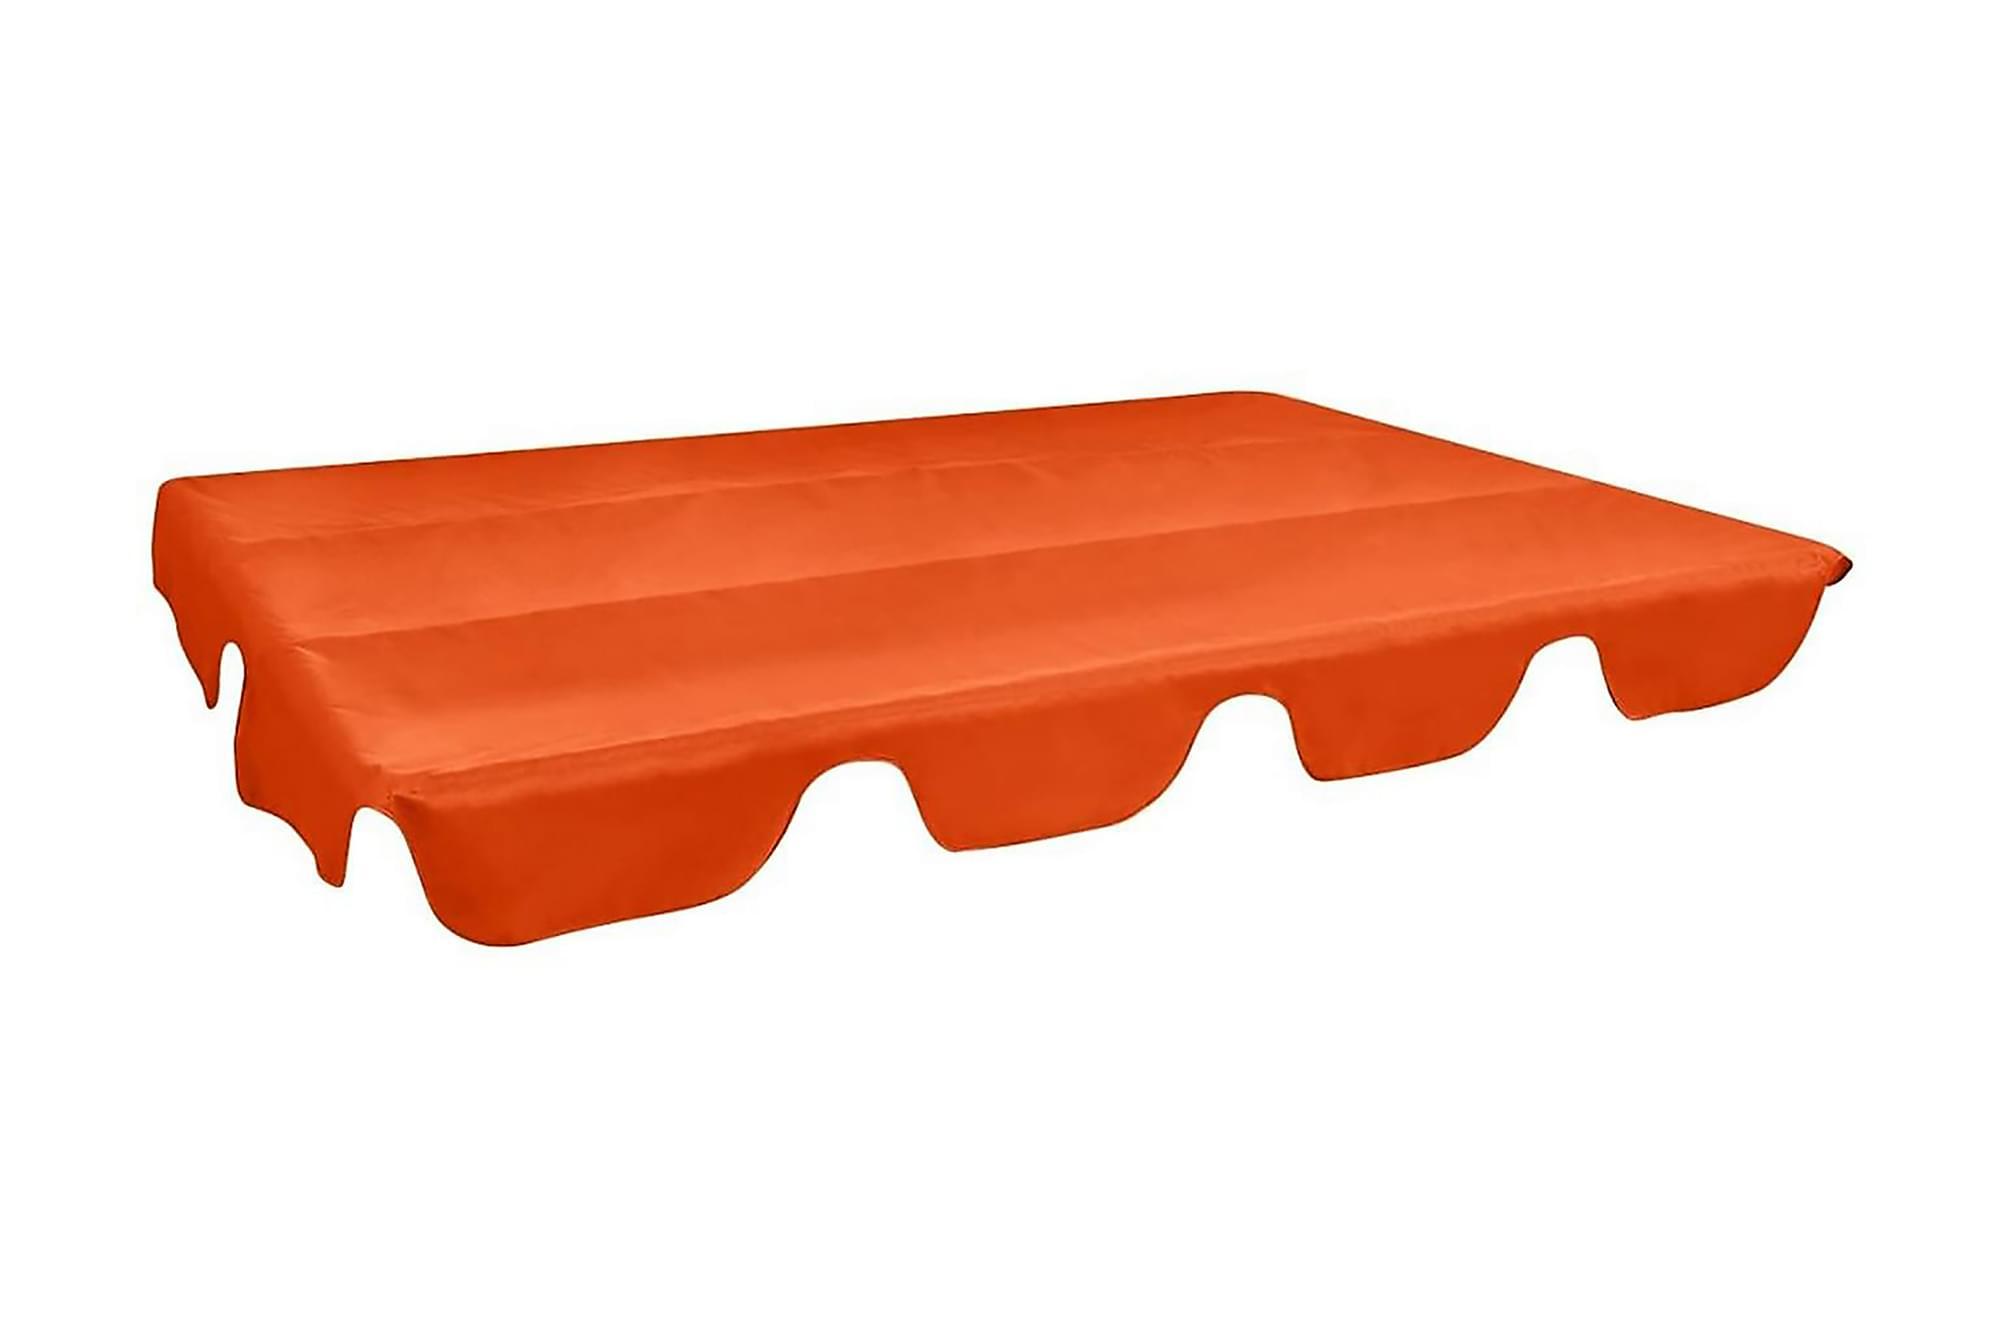 Reservtak för hammock orange 249×185 cm